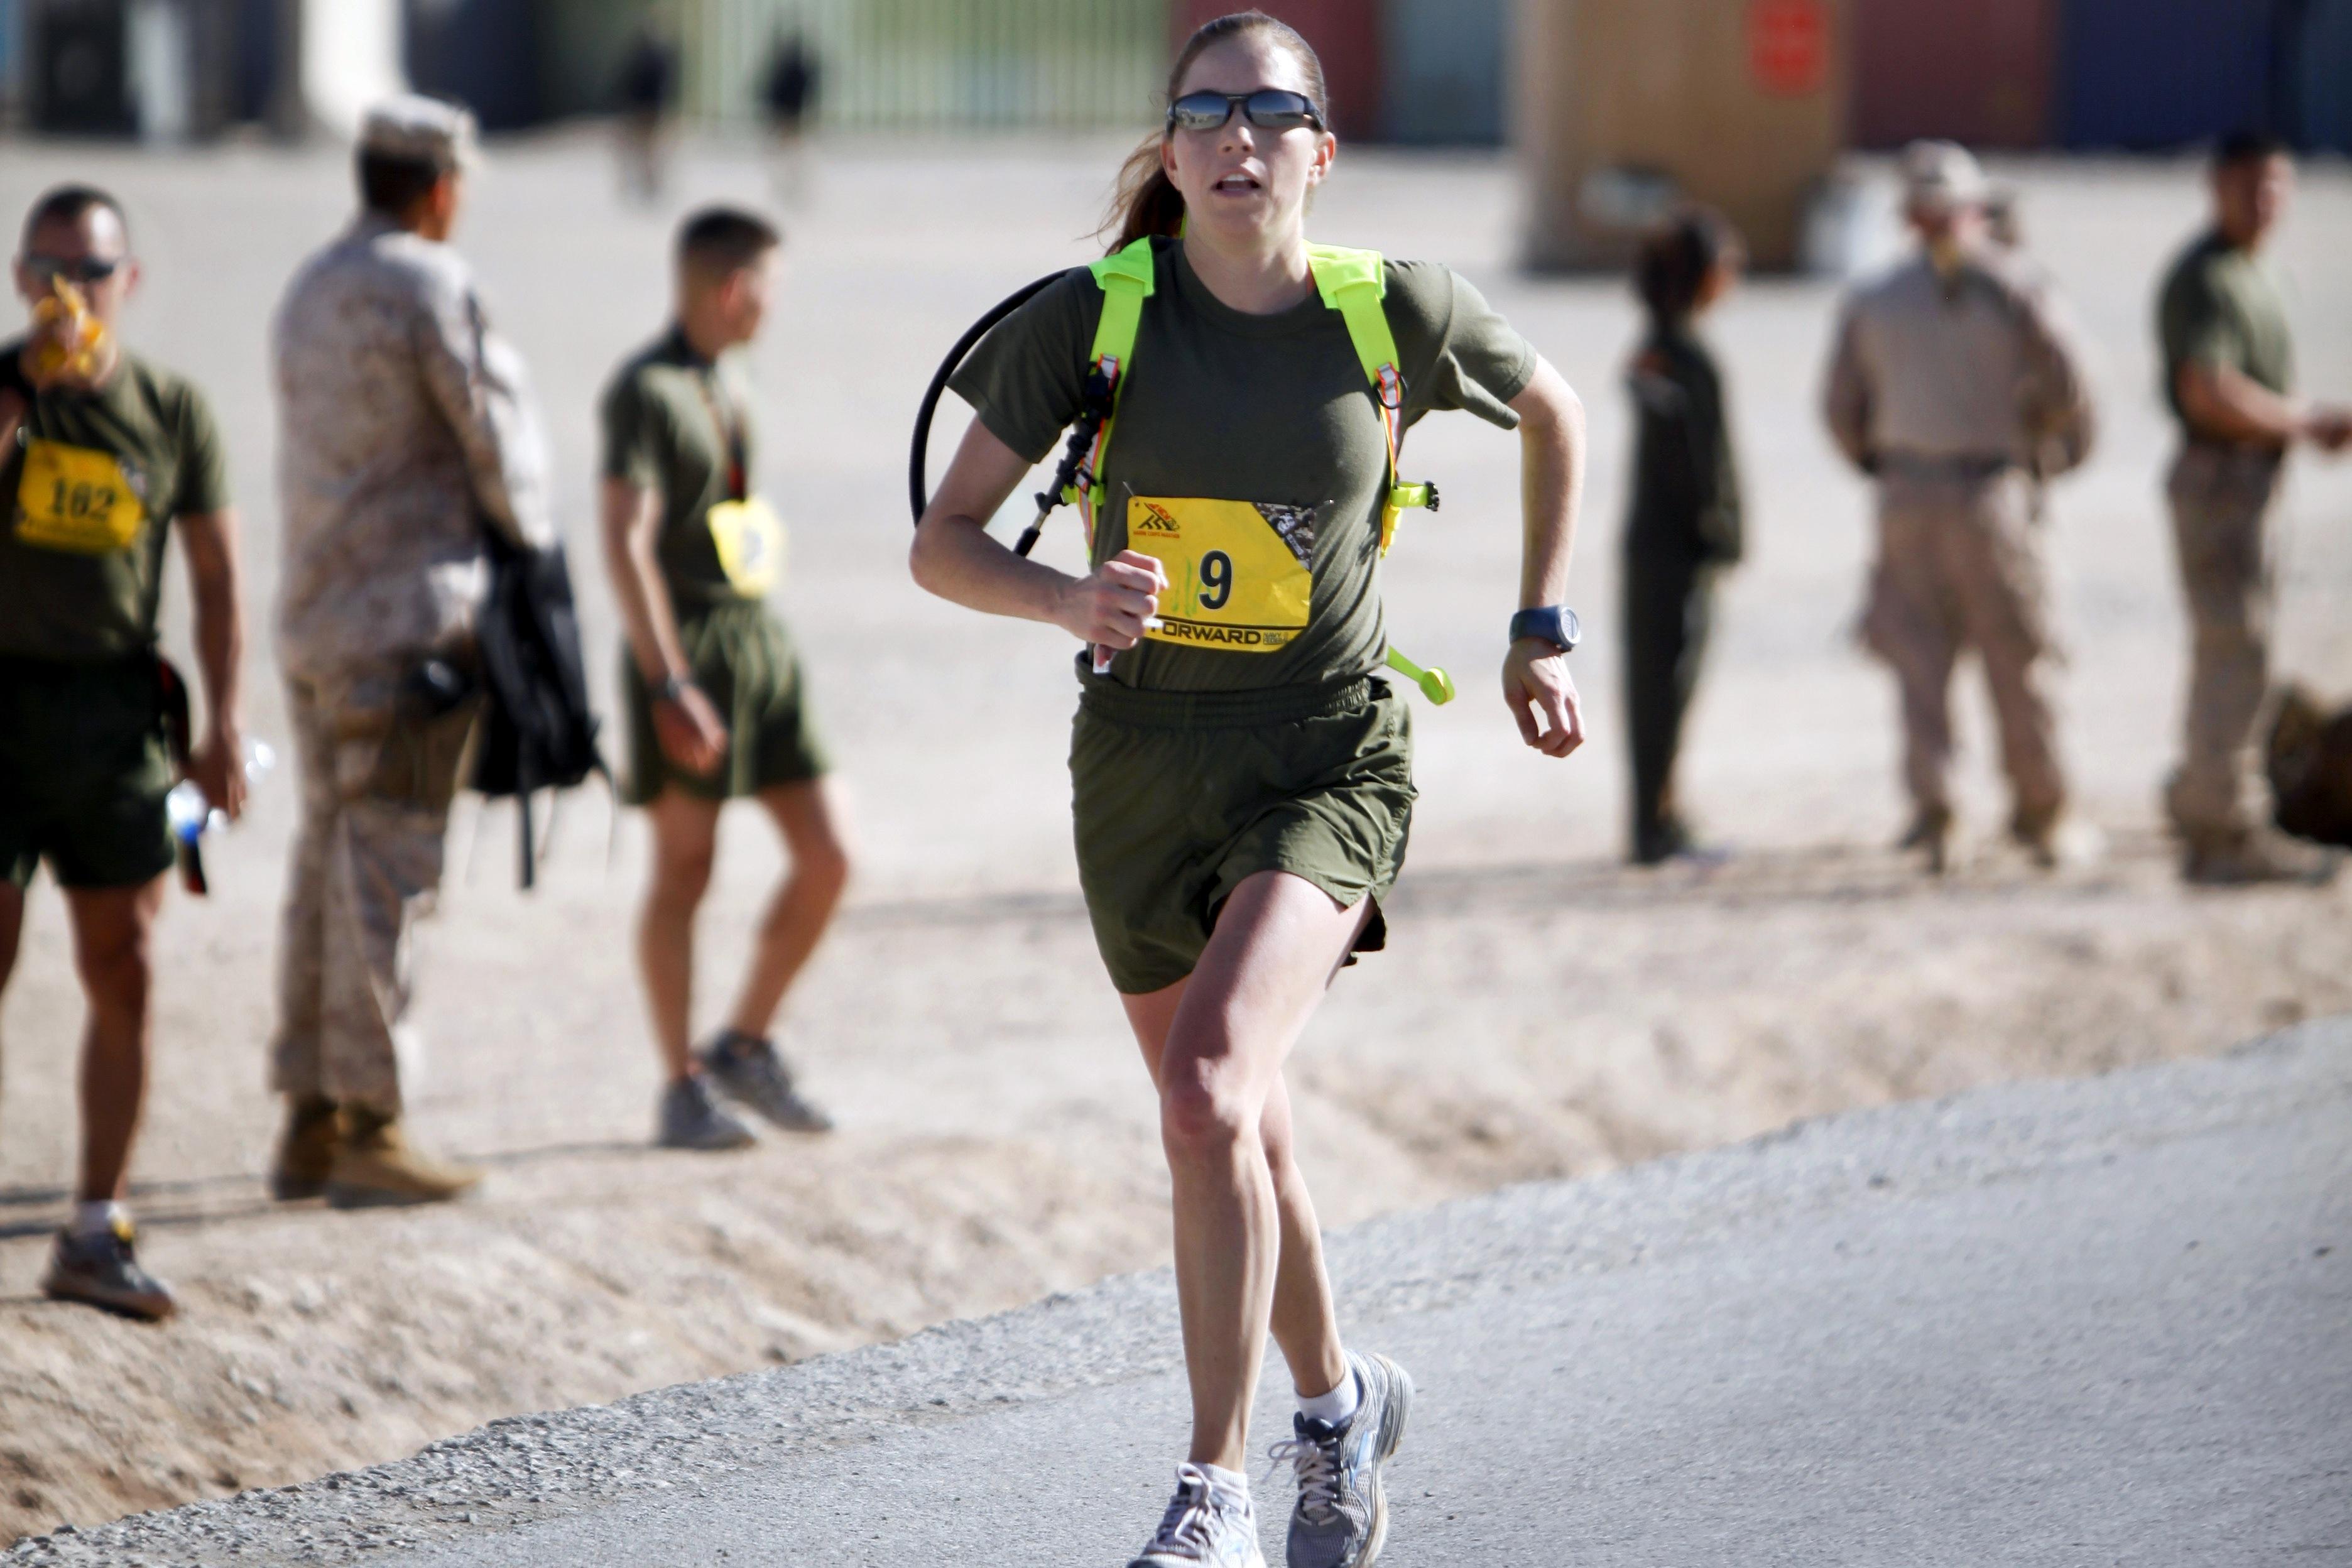 Marathon Runner, Exercise, Fit, Fitness, Girl, HQ Photo